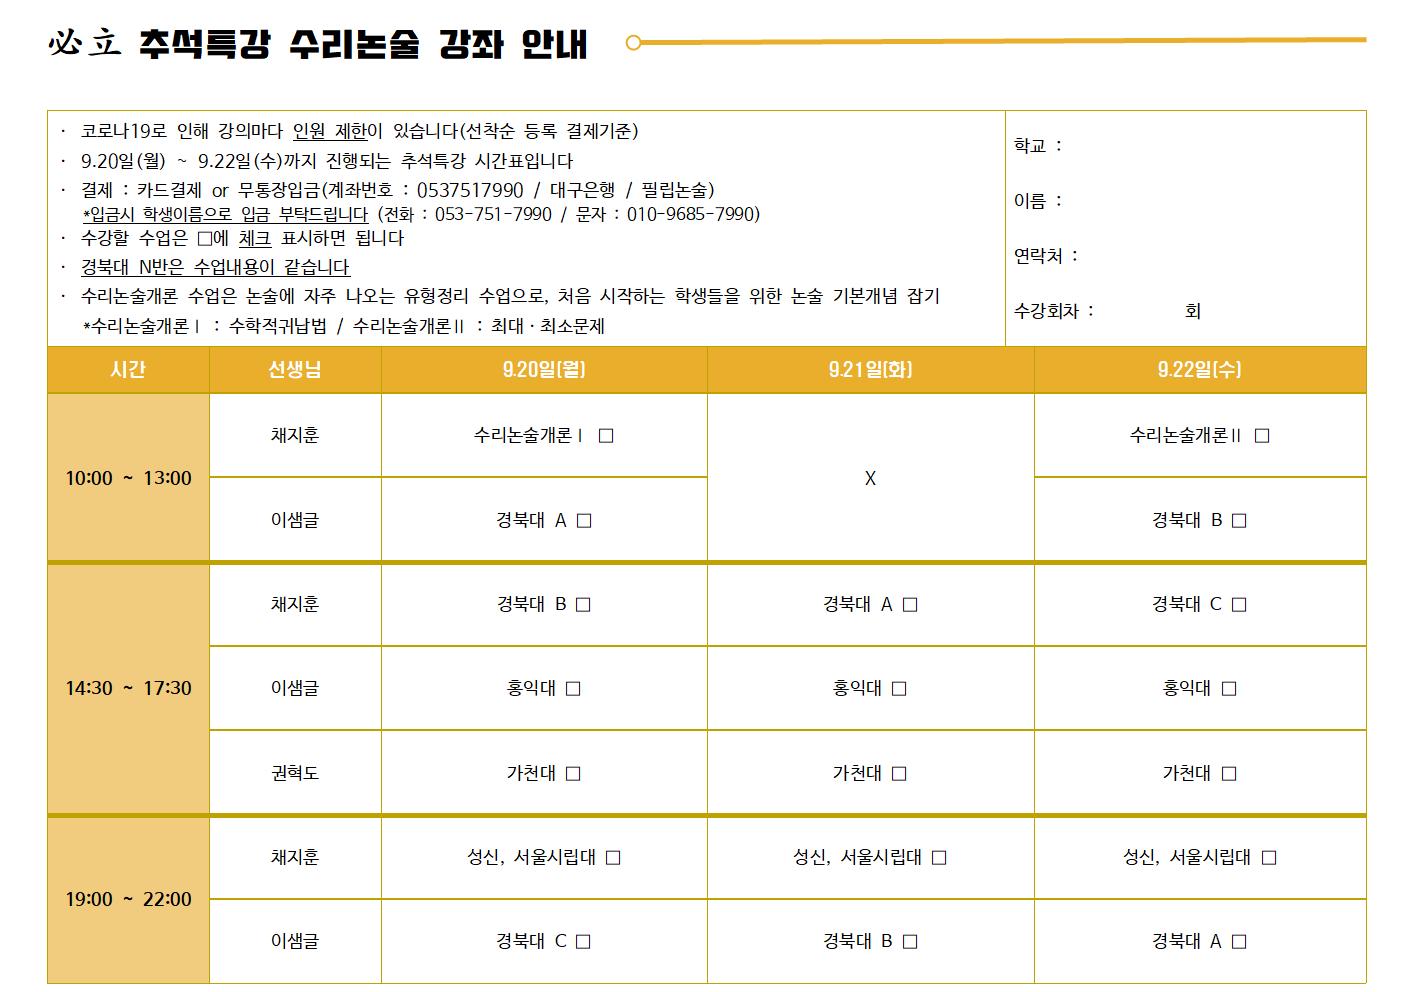 추석특강 시간표(홈페이지)002.png